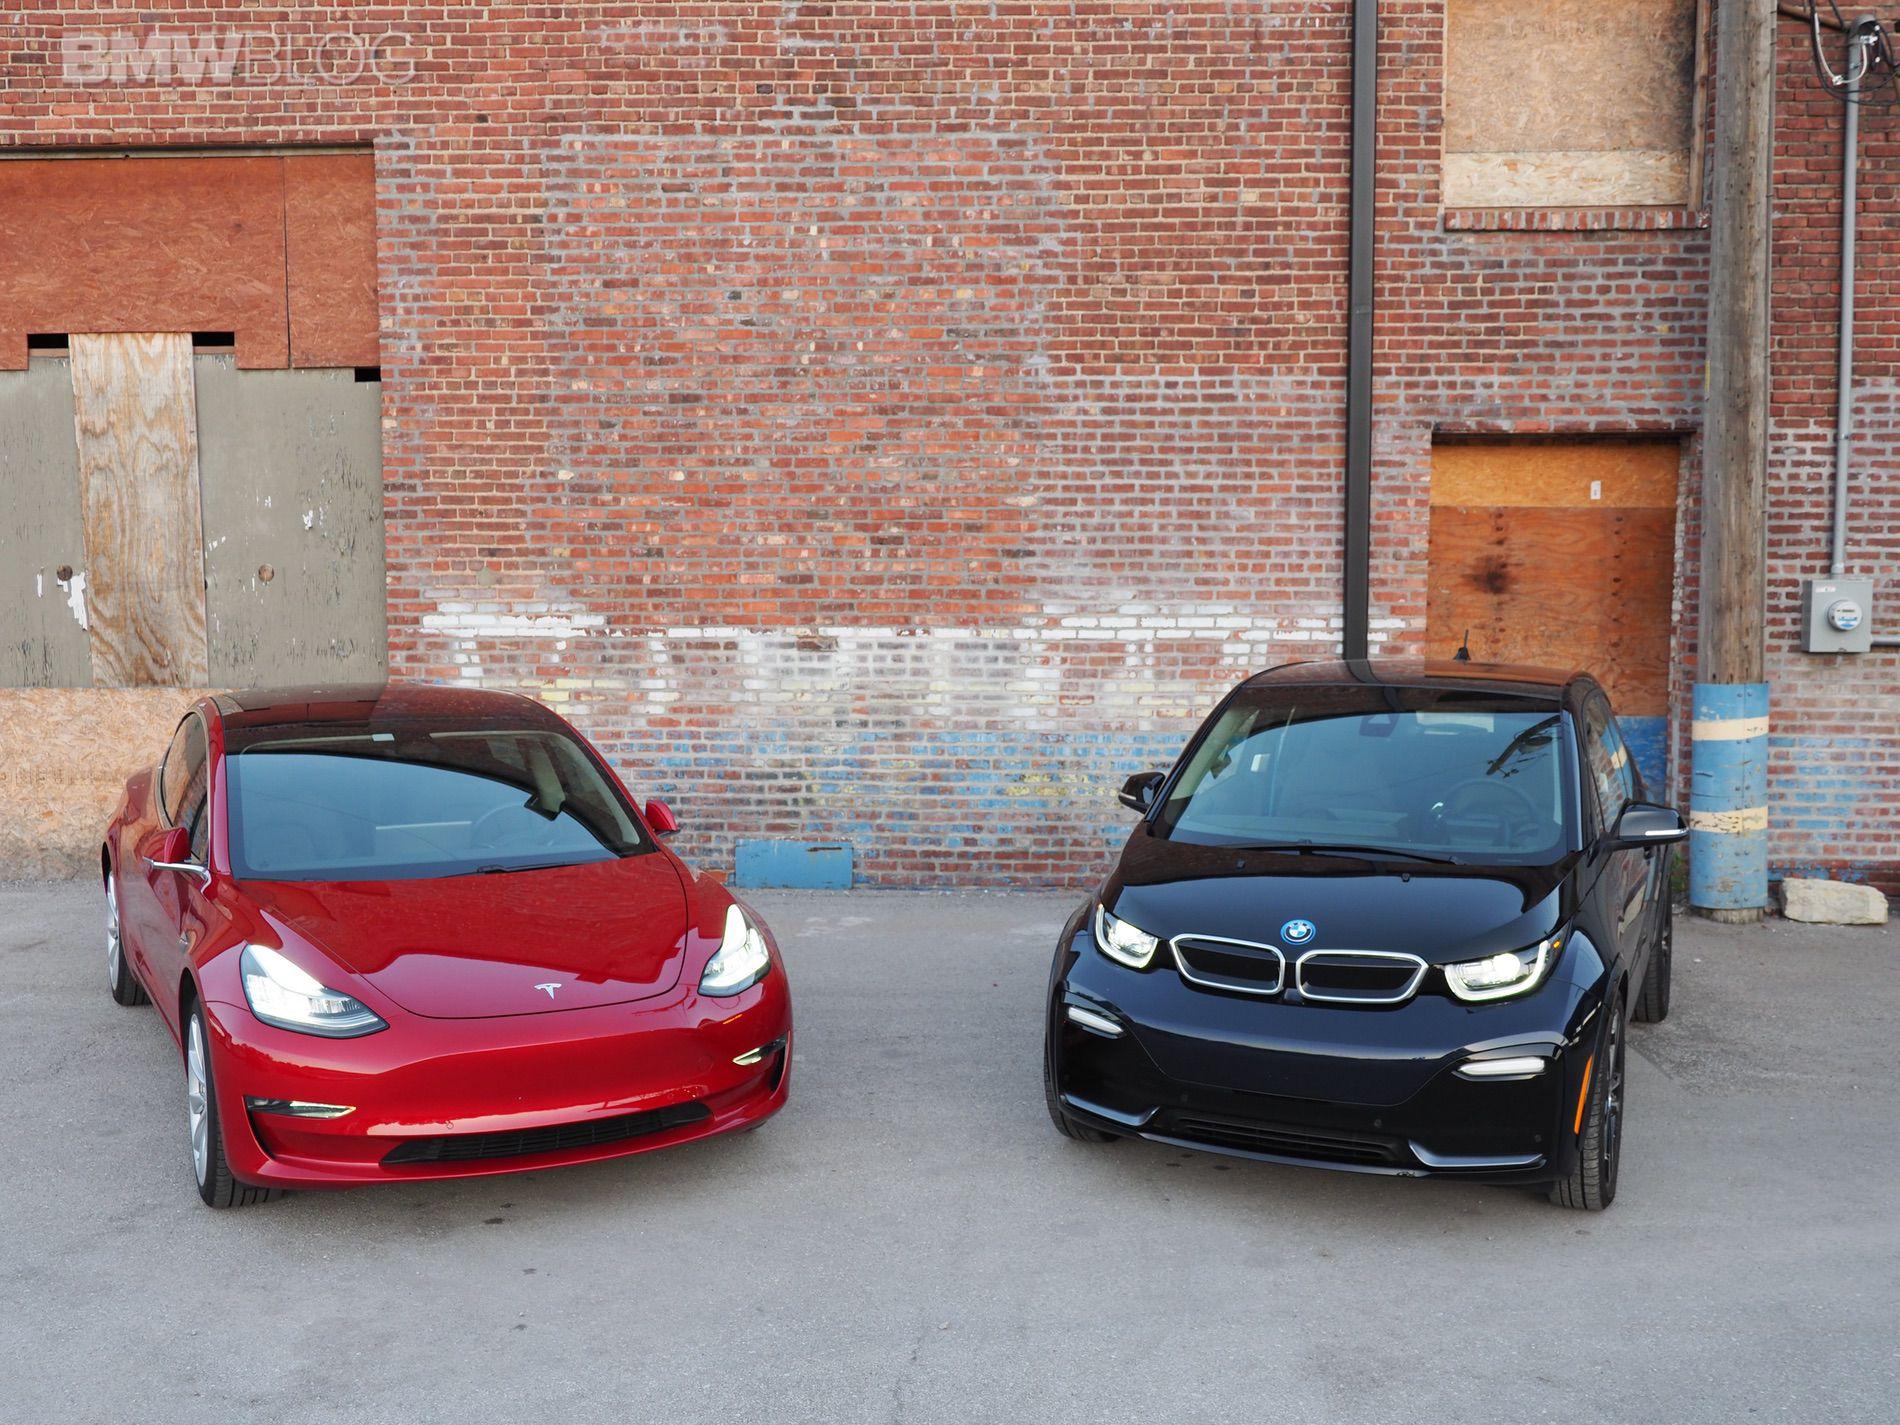 BMW i3 tesla model 3 10